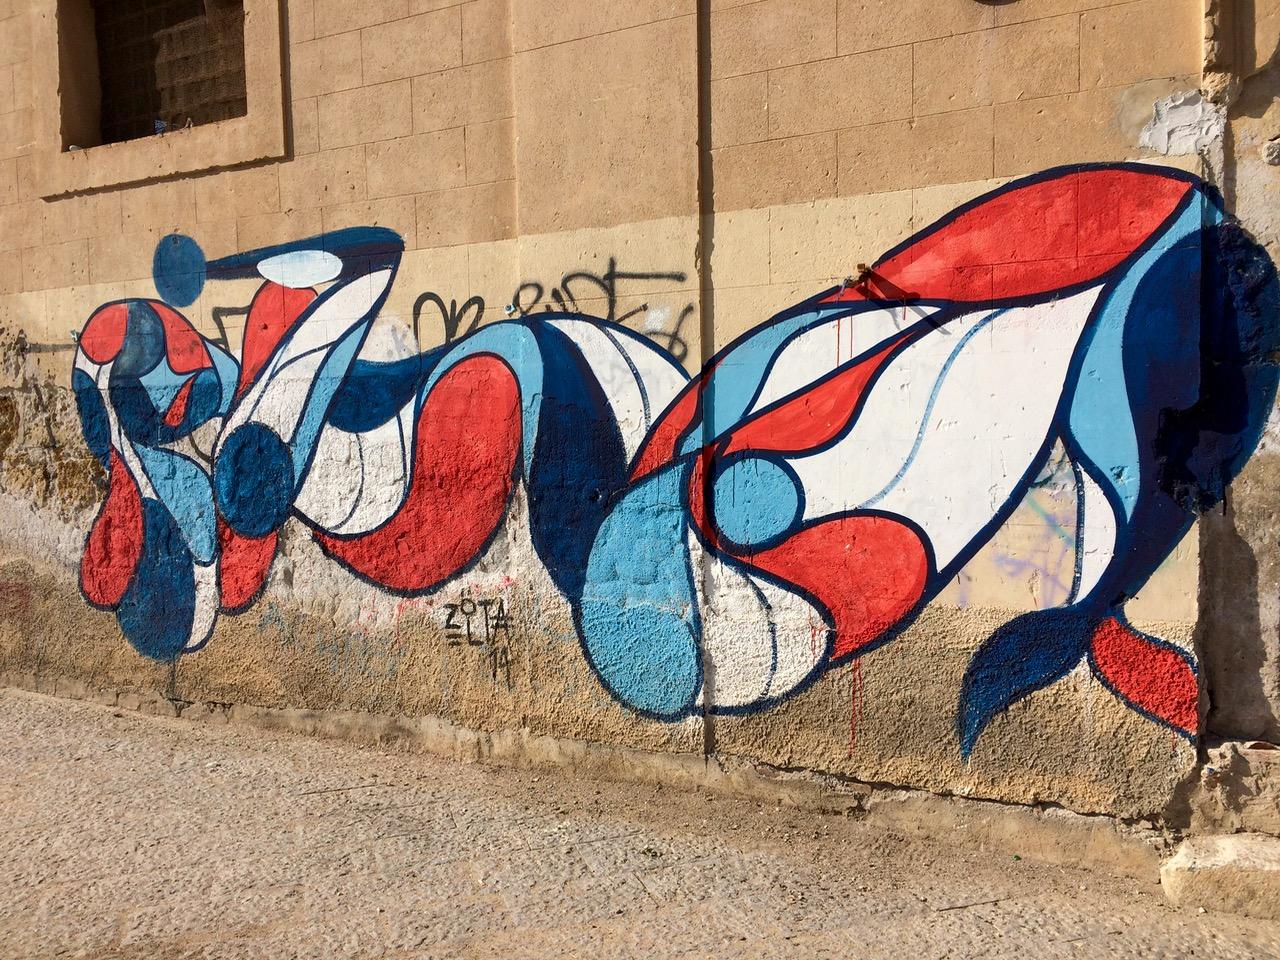 Street art by Zolta